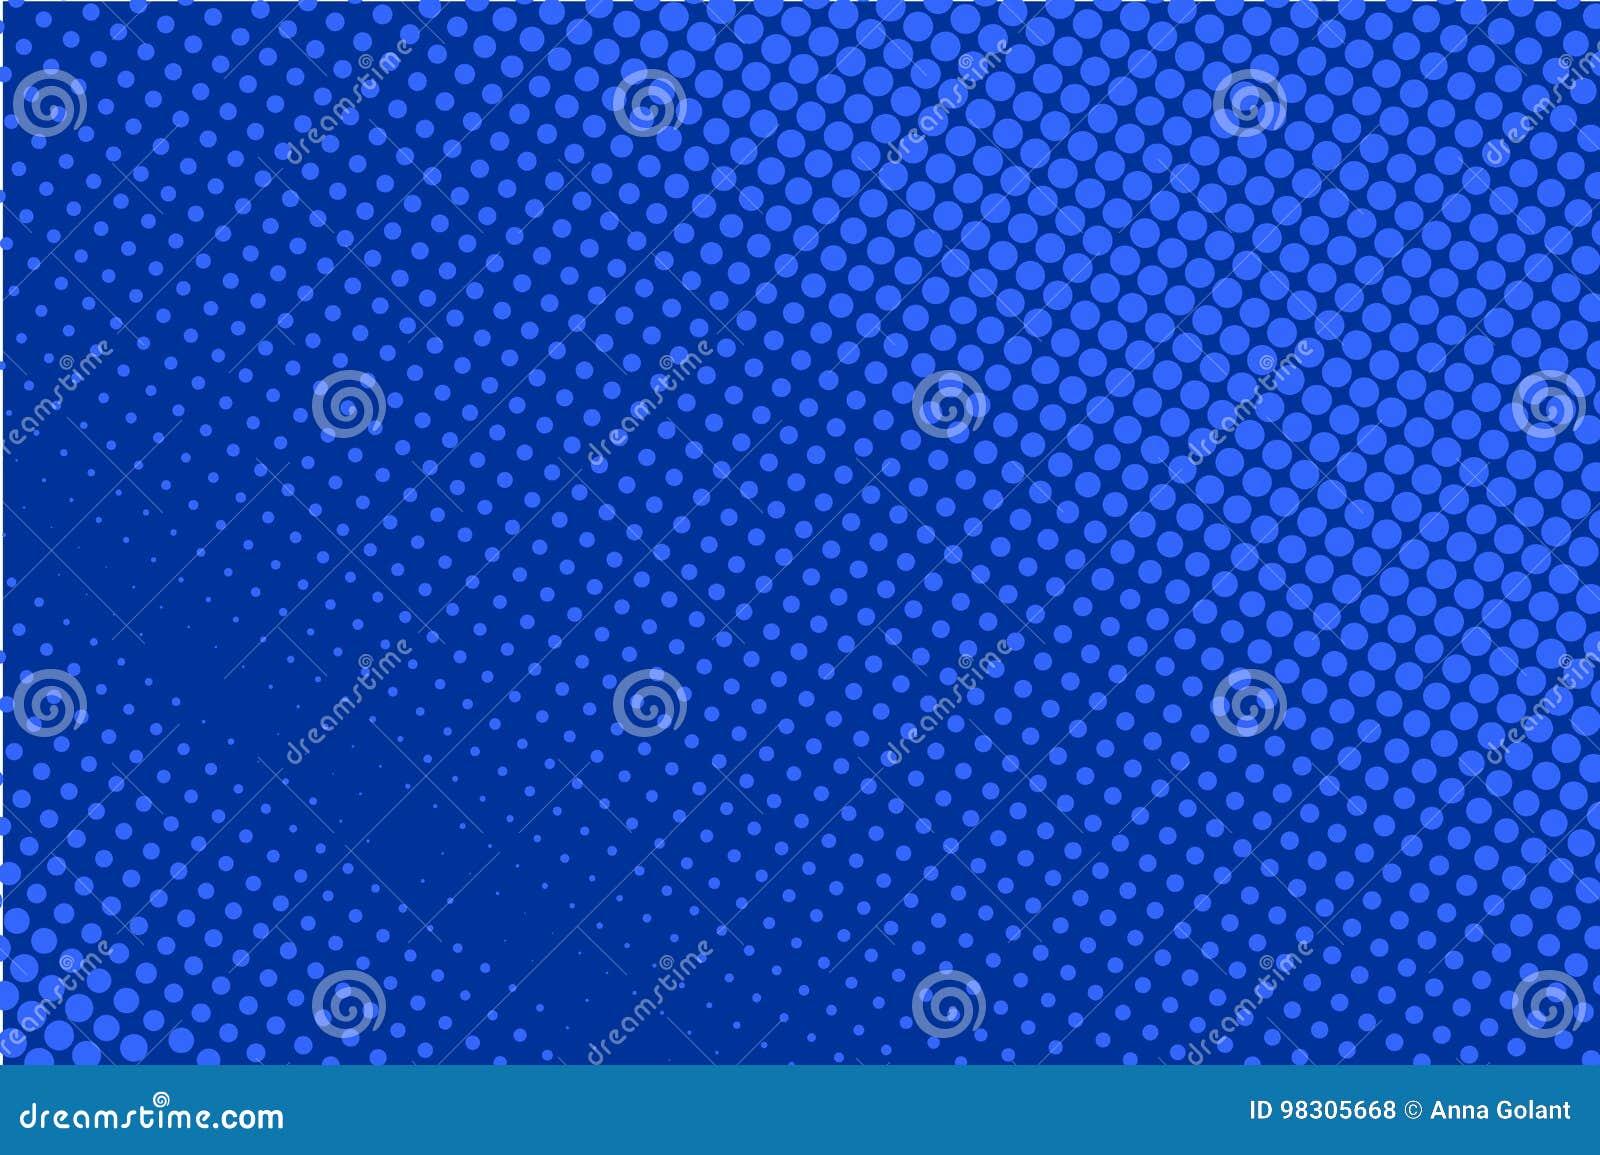 Teste padrão pontilhado cômico Cor azul Contexto retro do fundo de intervalo mínimo com círculos, pontos